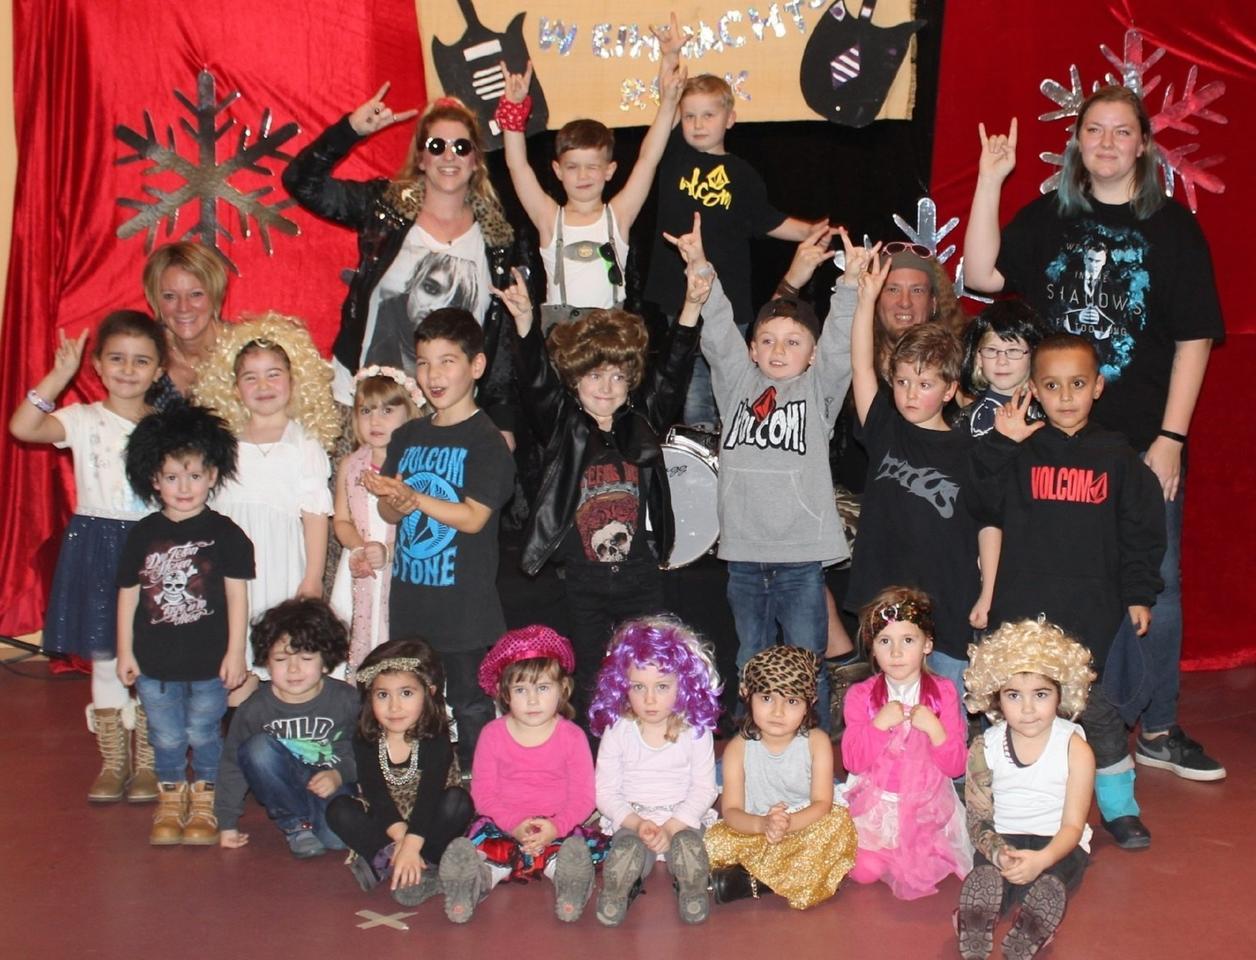 Kinder begeisterten mit glamourösem Bühnenprogramm - Koblenz ...